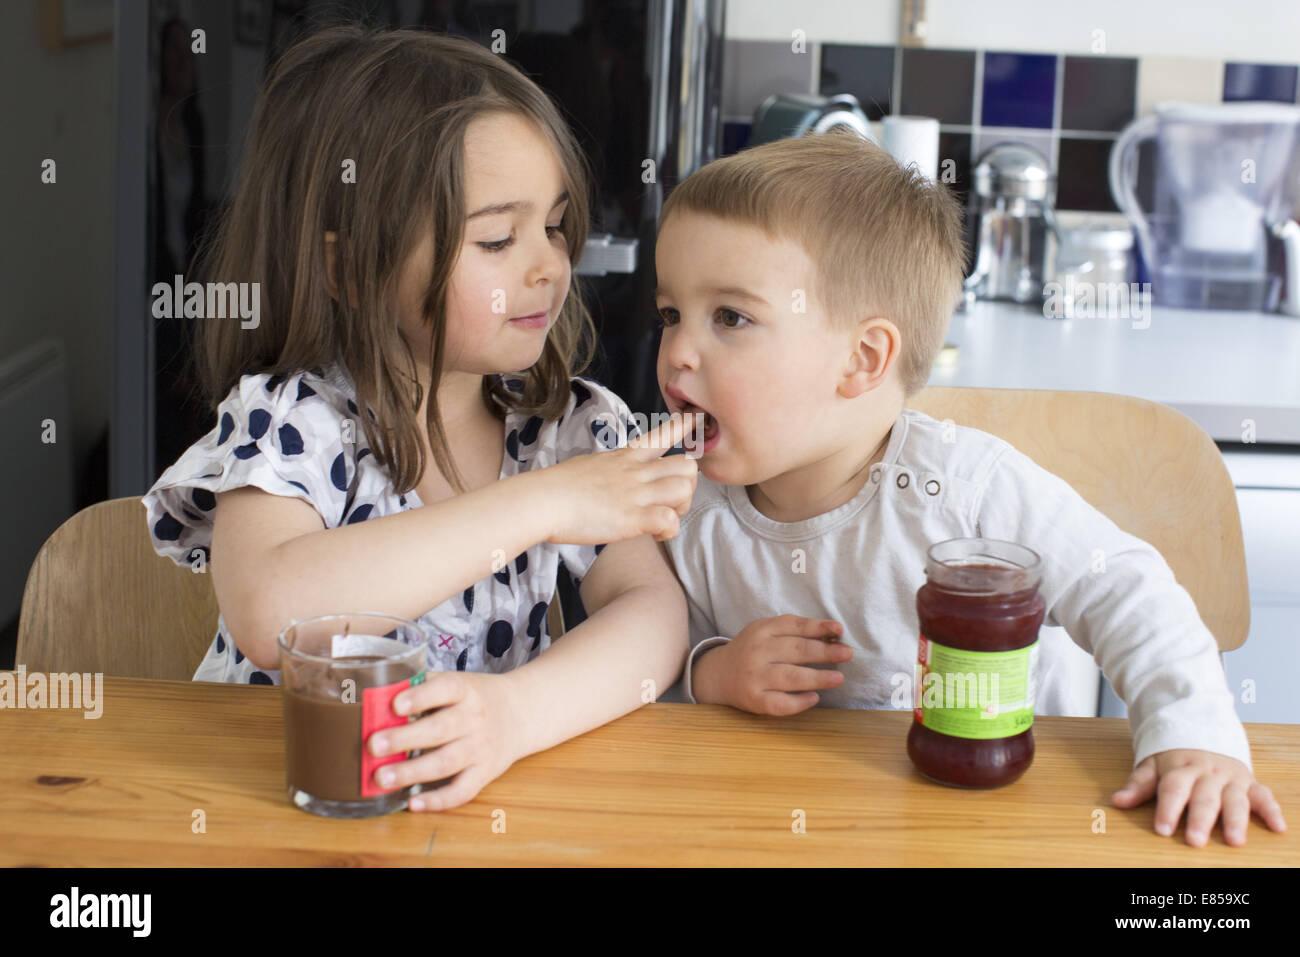 Junge Geschwister Verkostung Inhalt von Gläsern mit ihren Fingern Stockbild